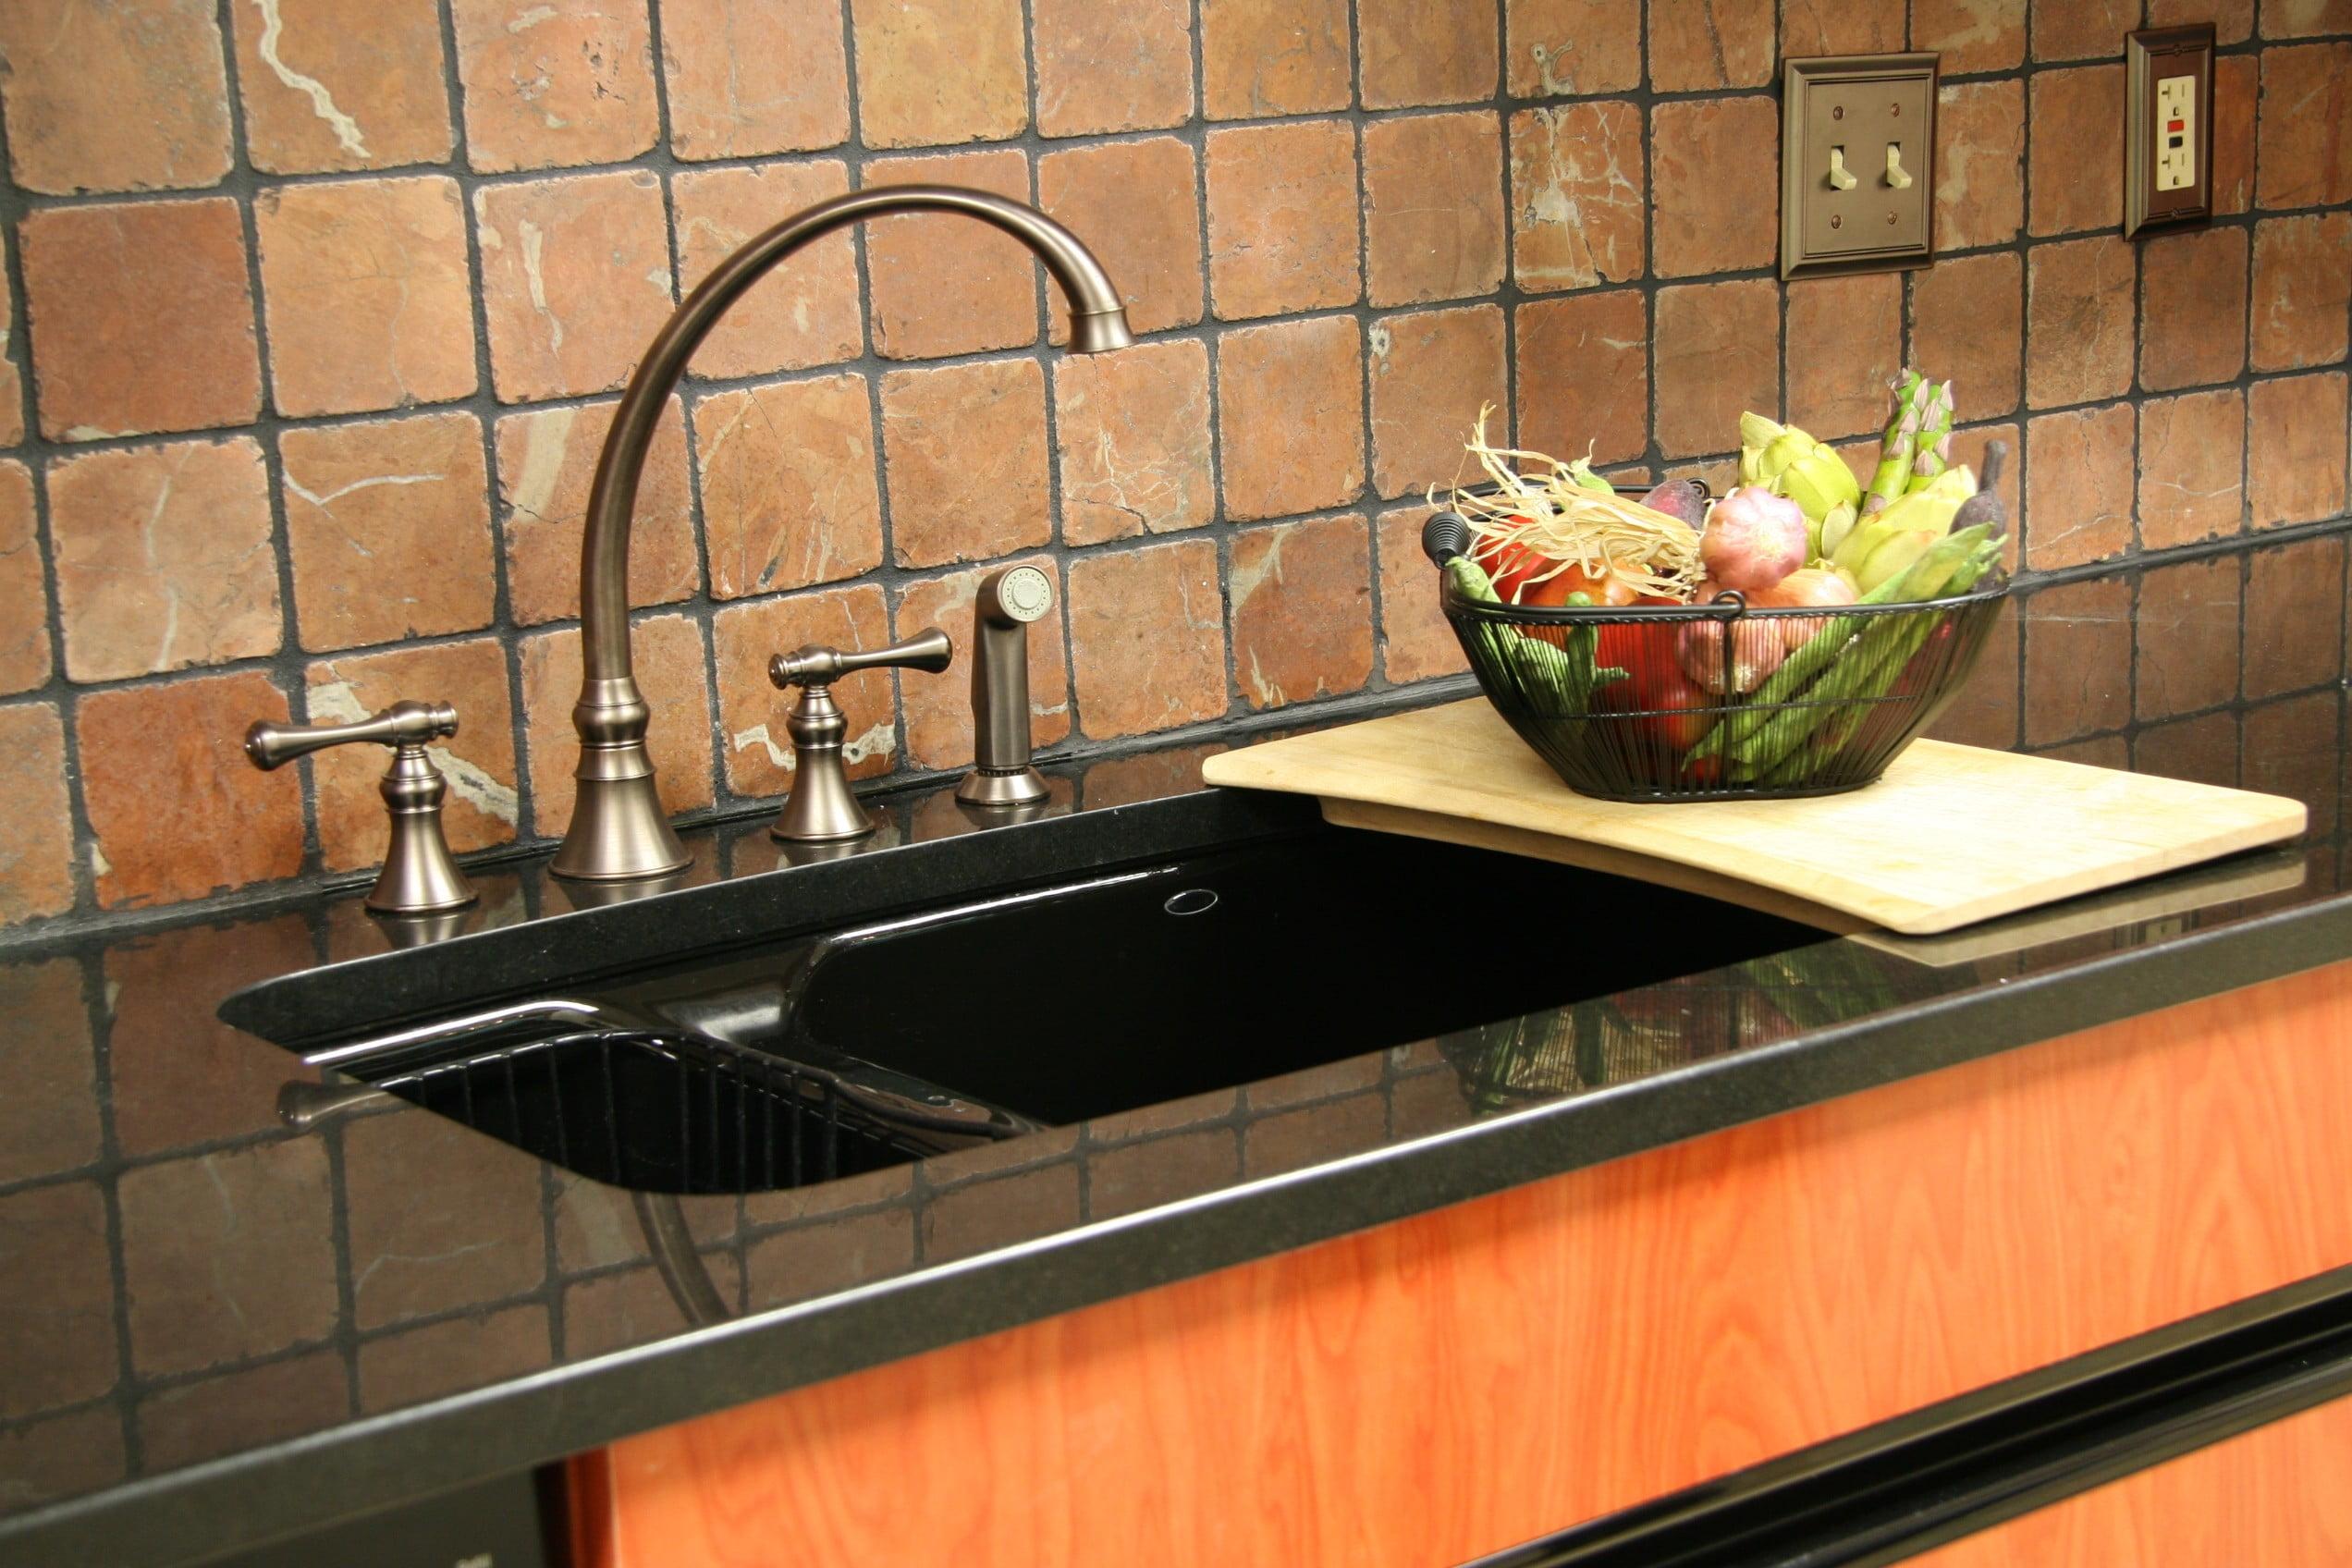 Chiuveta din bucatarie, Foto: decor-guide.com